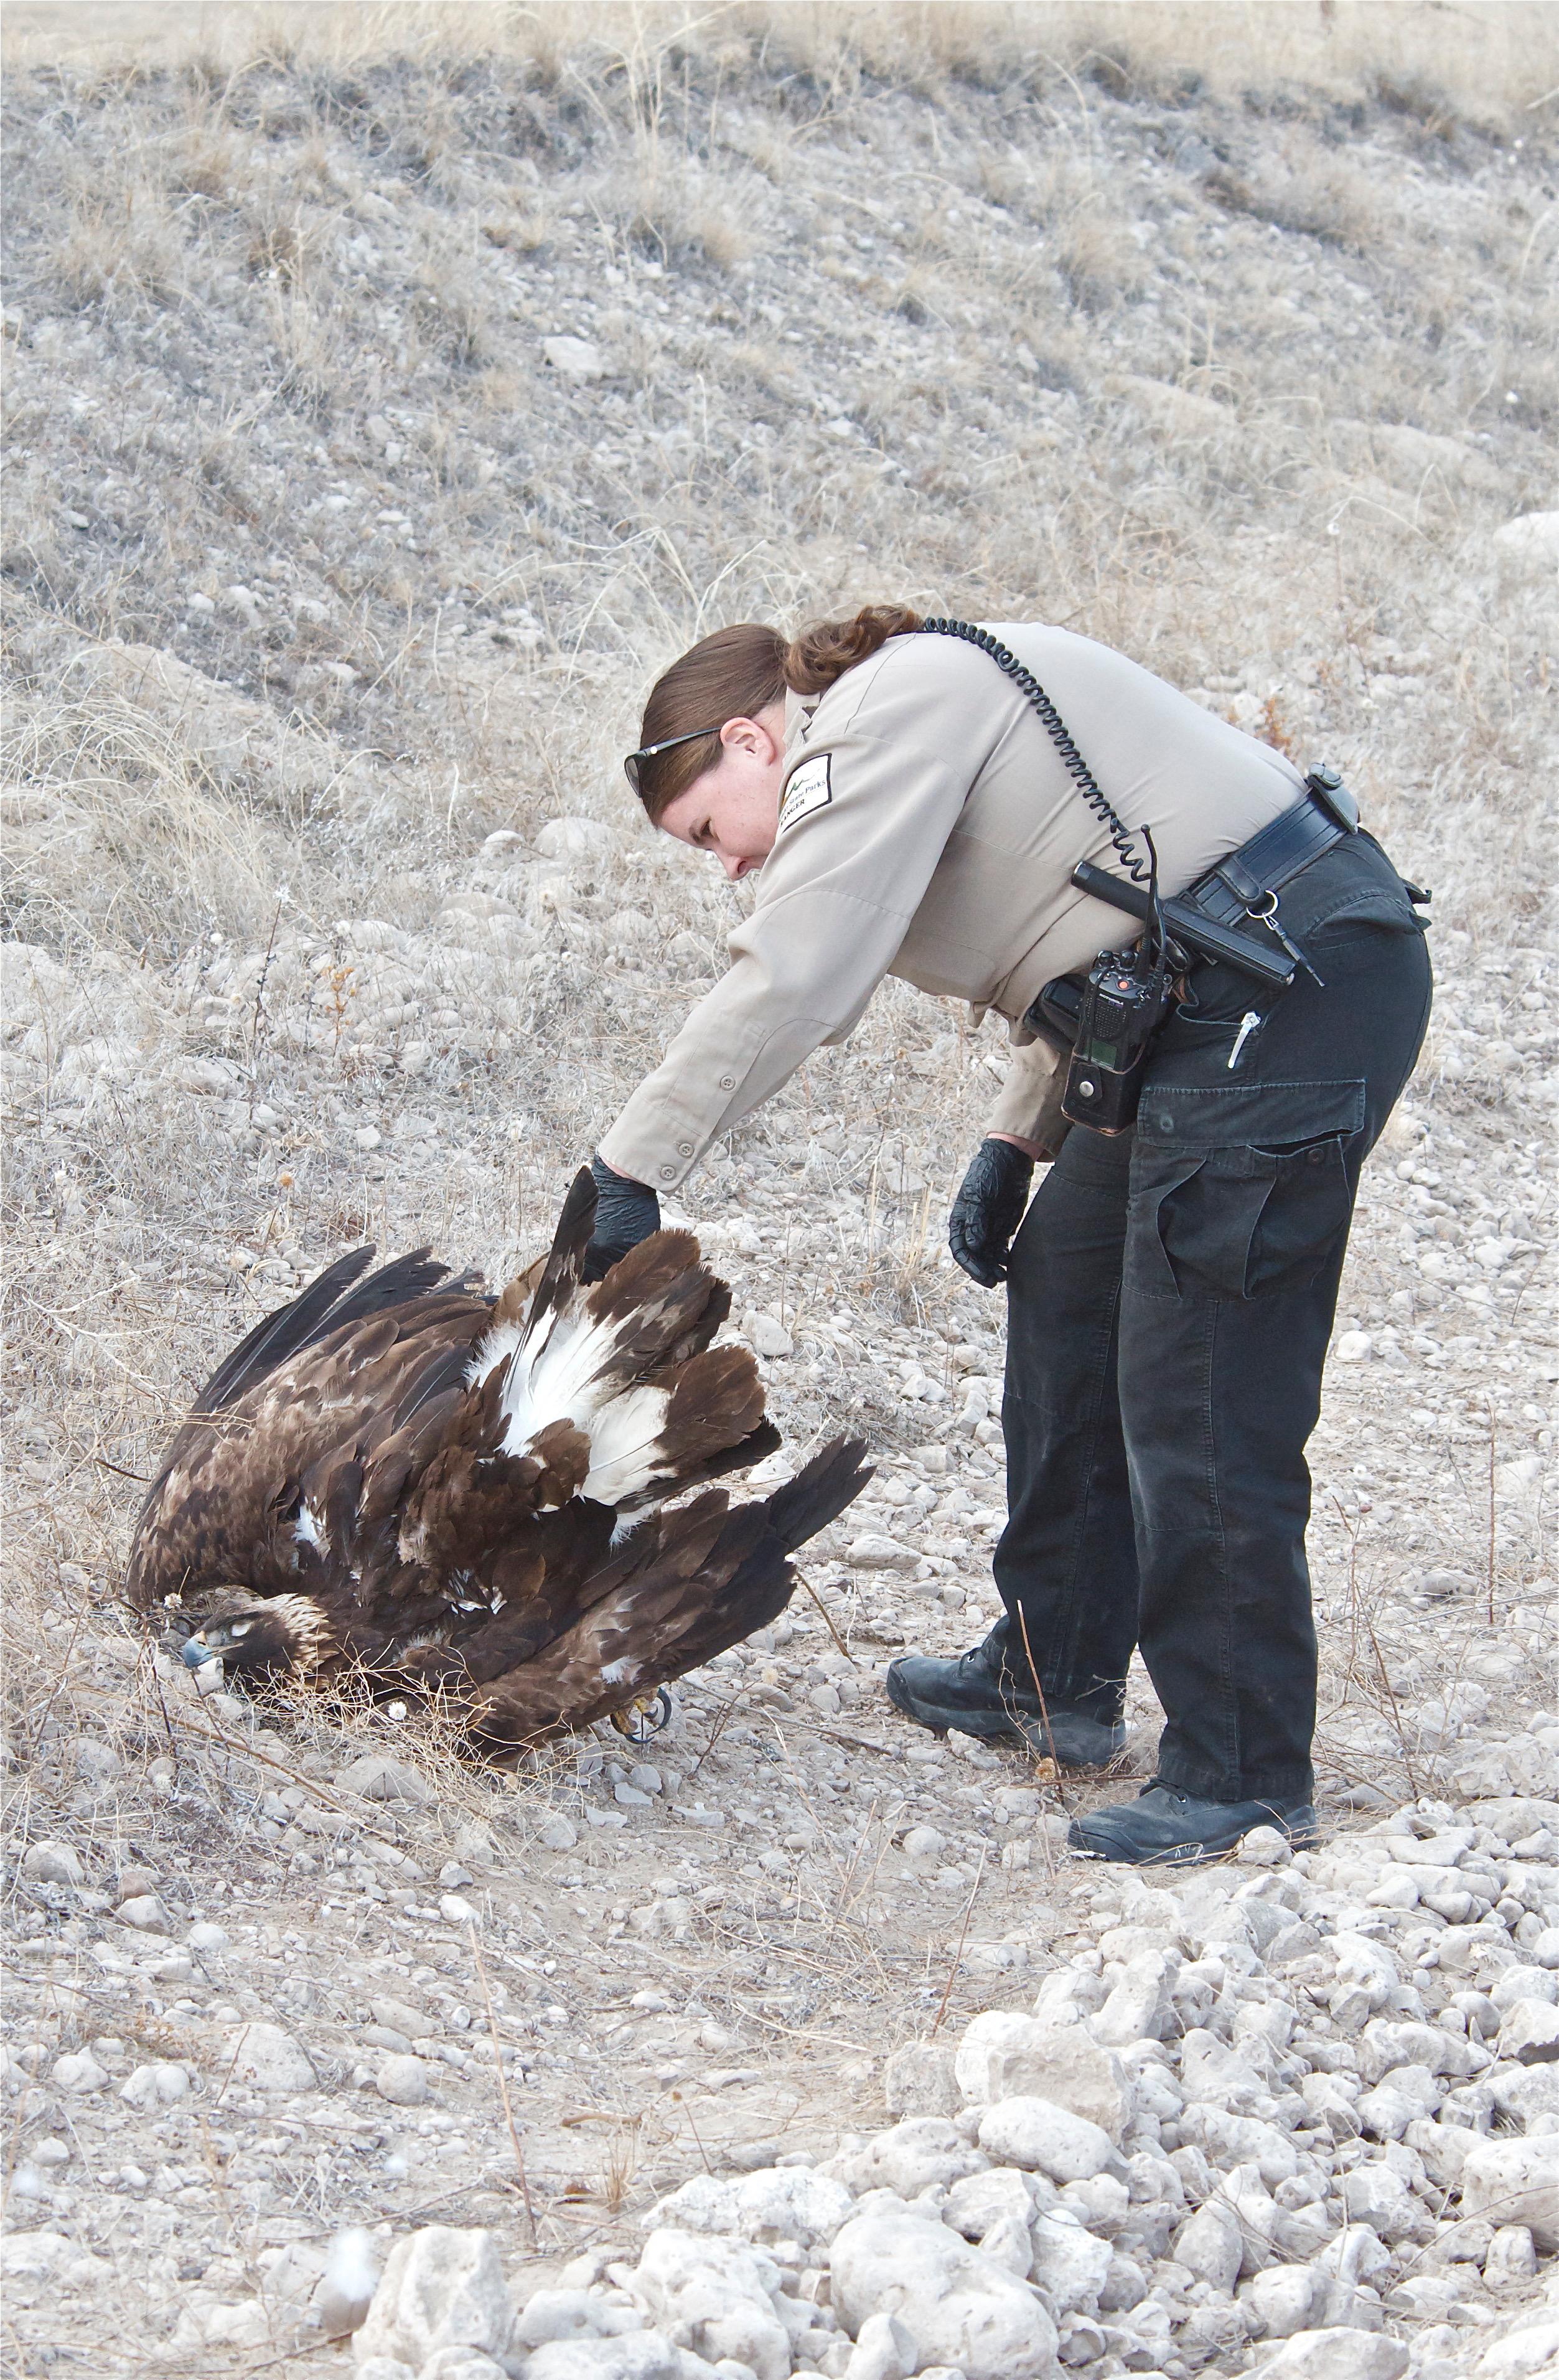 Post-Mortem on a Golden Eagle